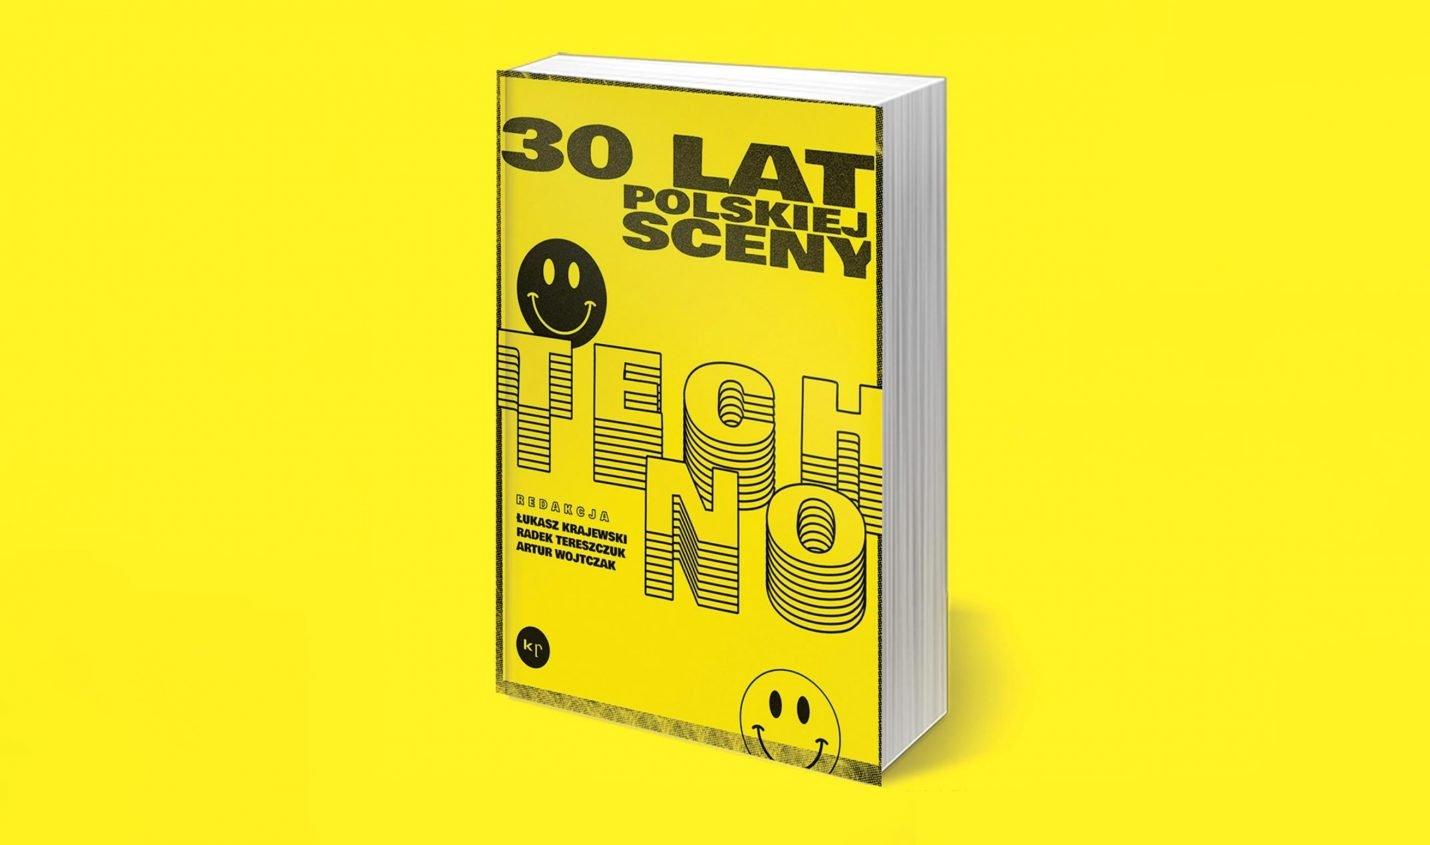 30 Jahre Rave - Buchprojekt über die Techno-Szene in Polen